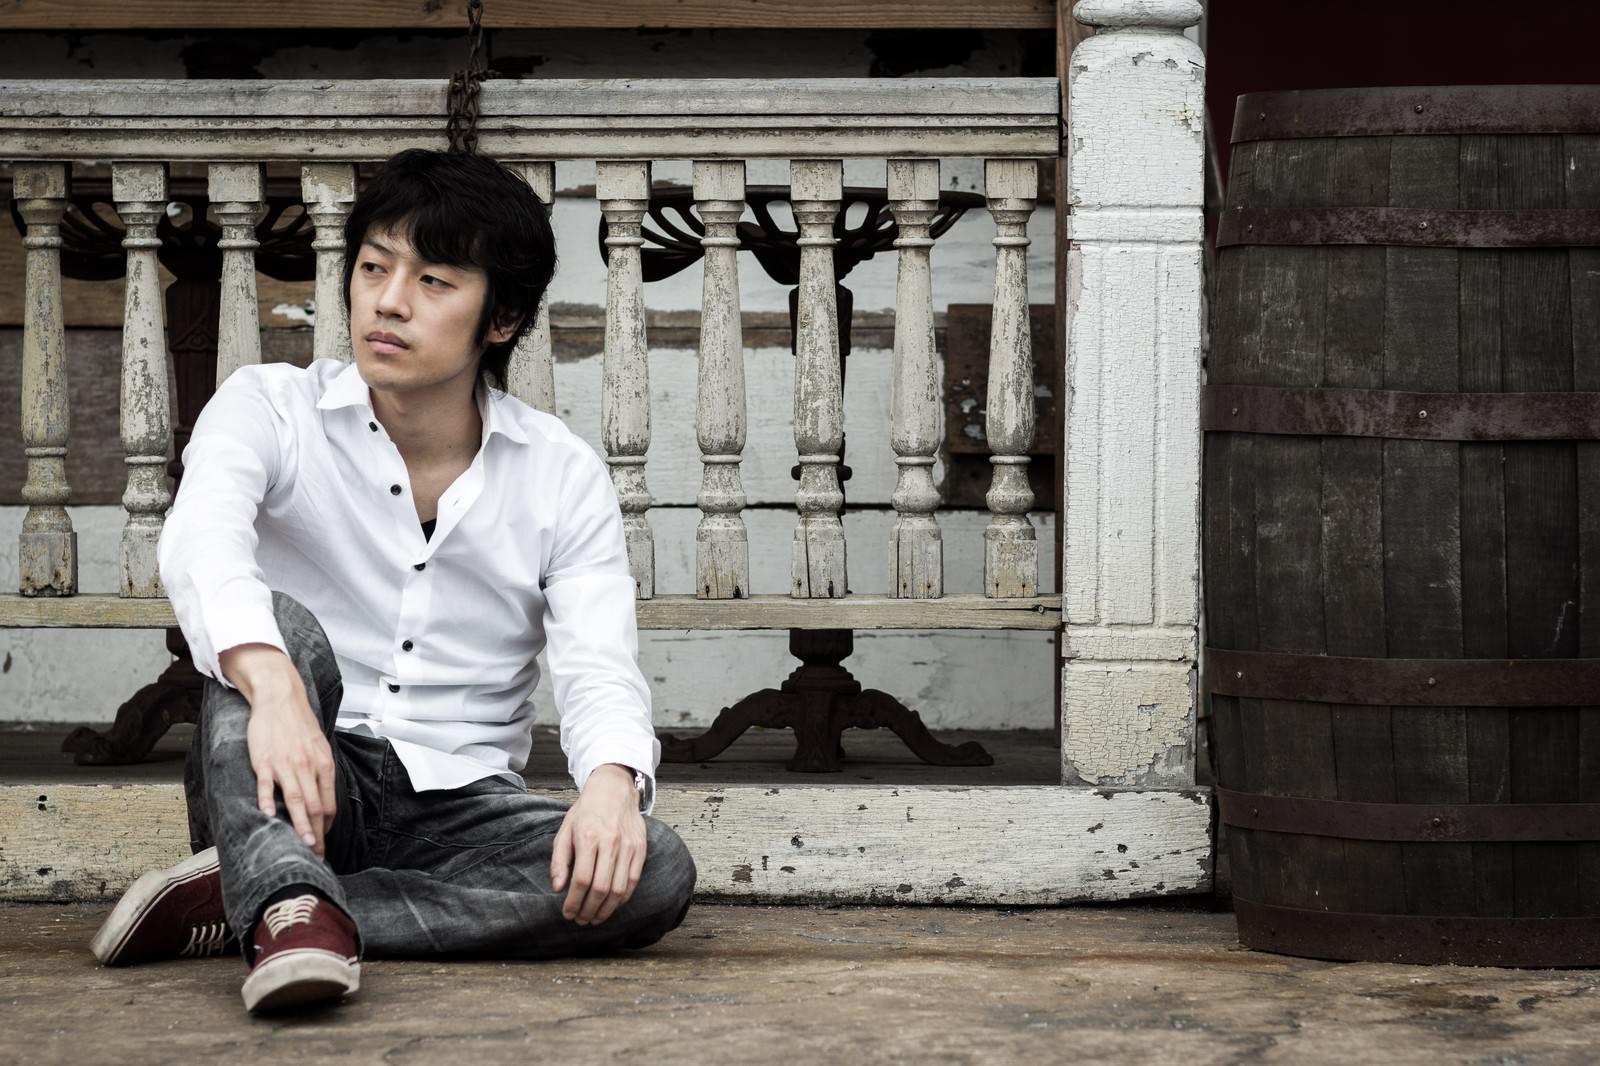 「気だるそうに座り込む男性気だるそうに座り込む男性」[モデル:Tsuyoshi.]のフリー写真素材を拡大